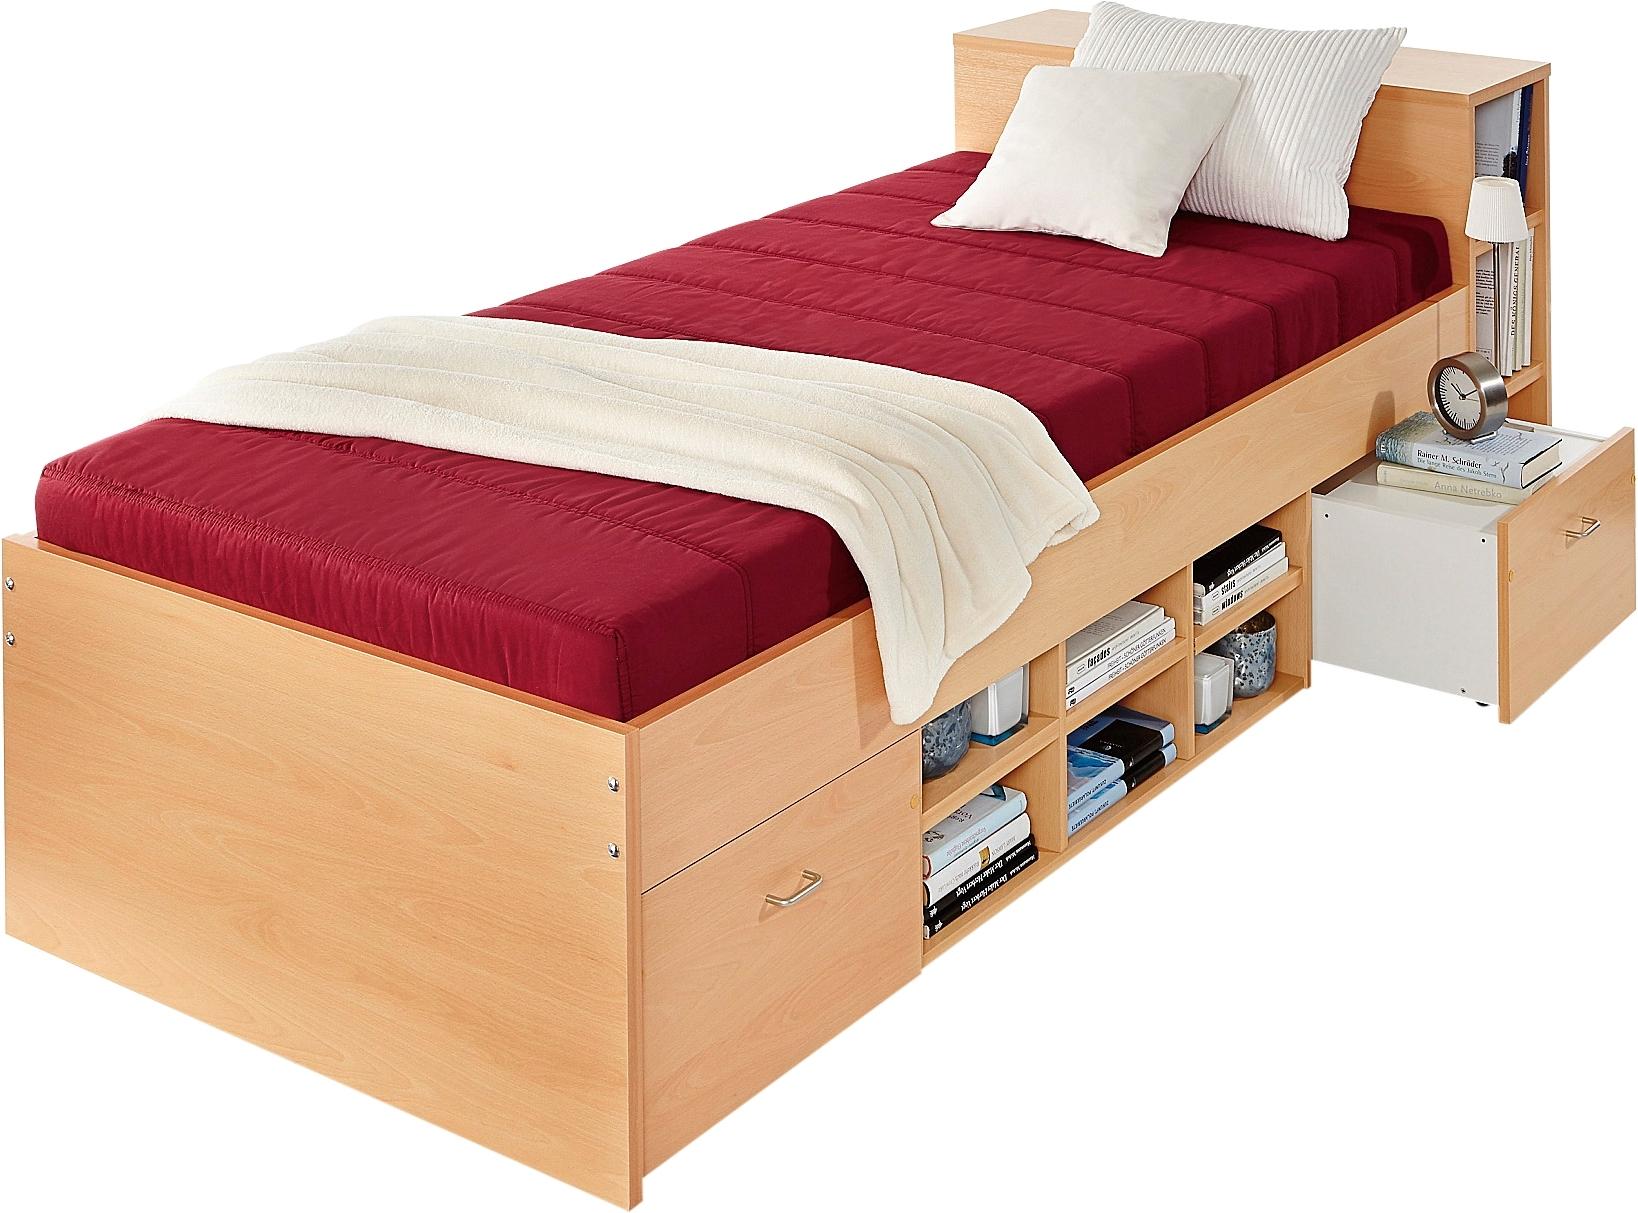 Breckle Bed met 3 open vakken bestellen: 14 dagen bedenktijd